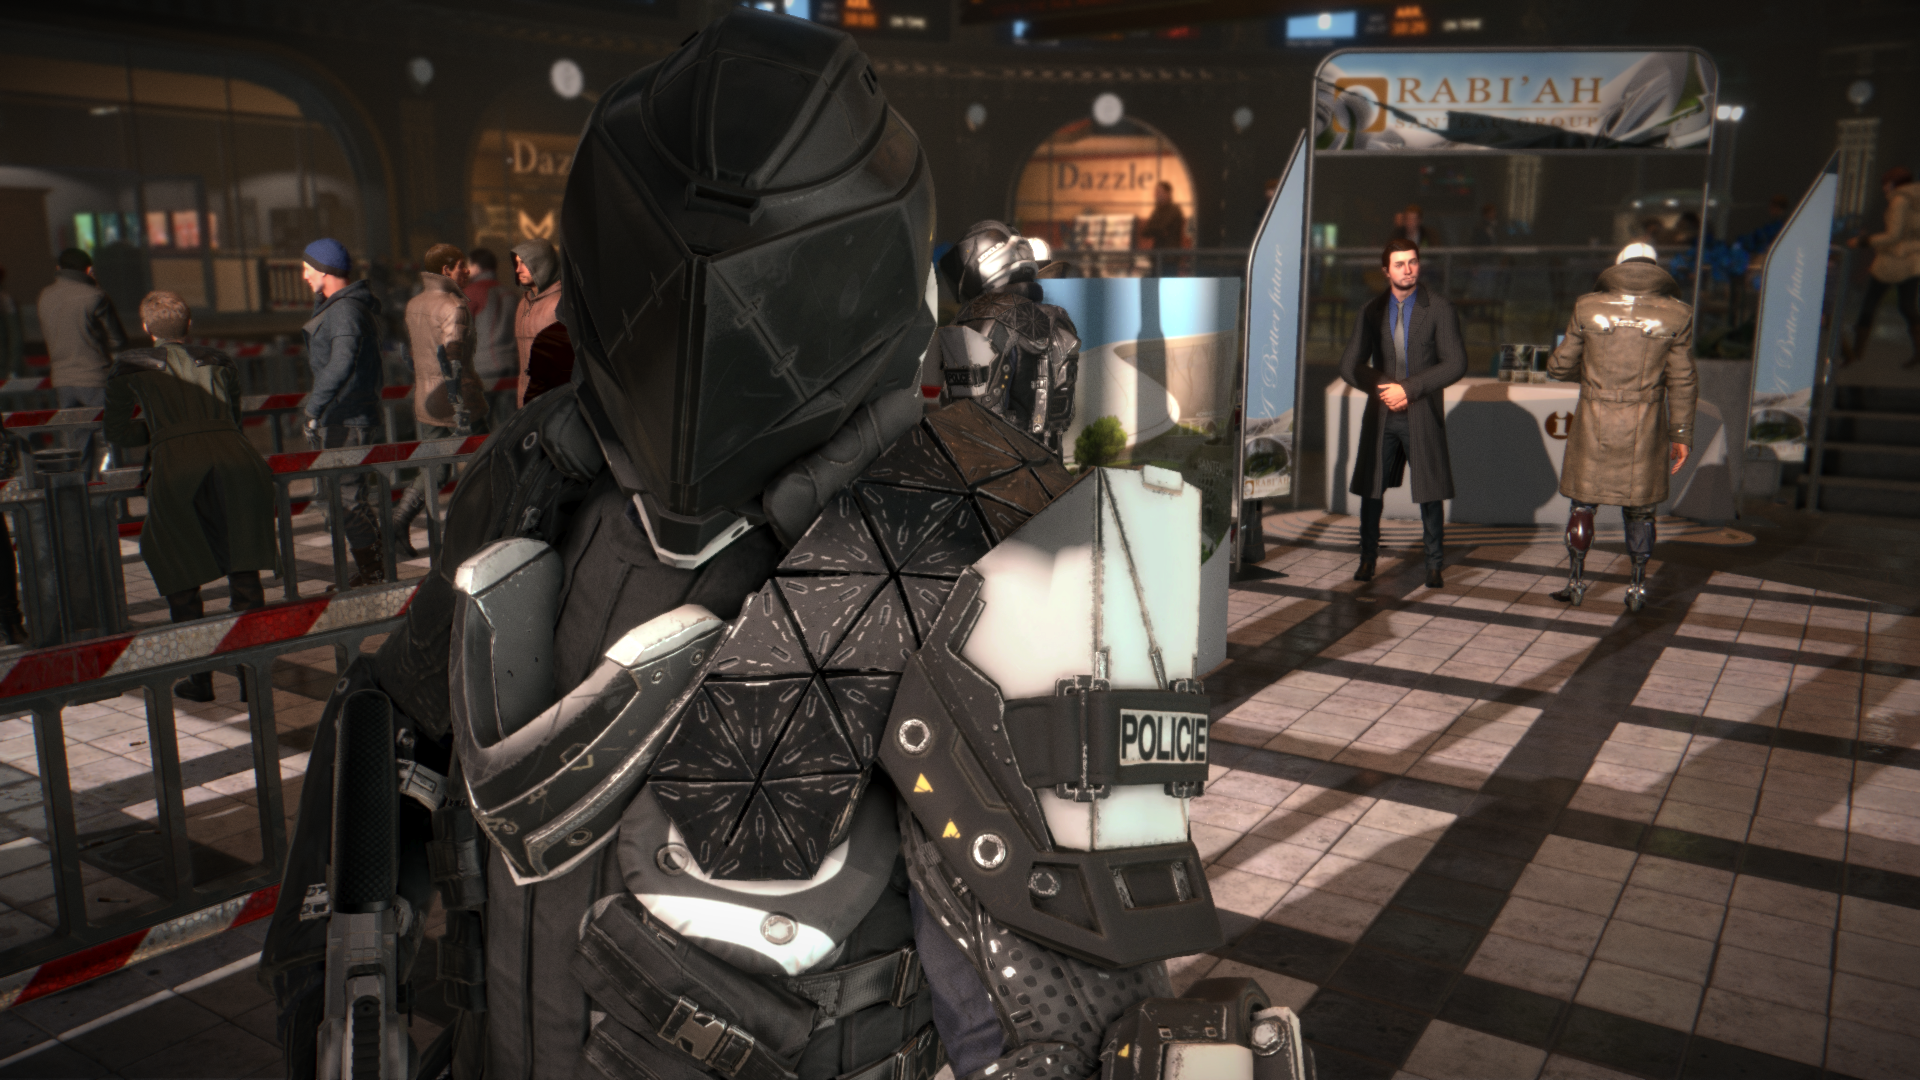 General 1920x1080 Deus Ex: Mankind Divided Deus Ex video games futuristic